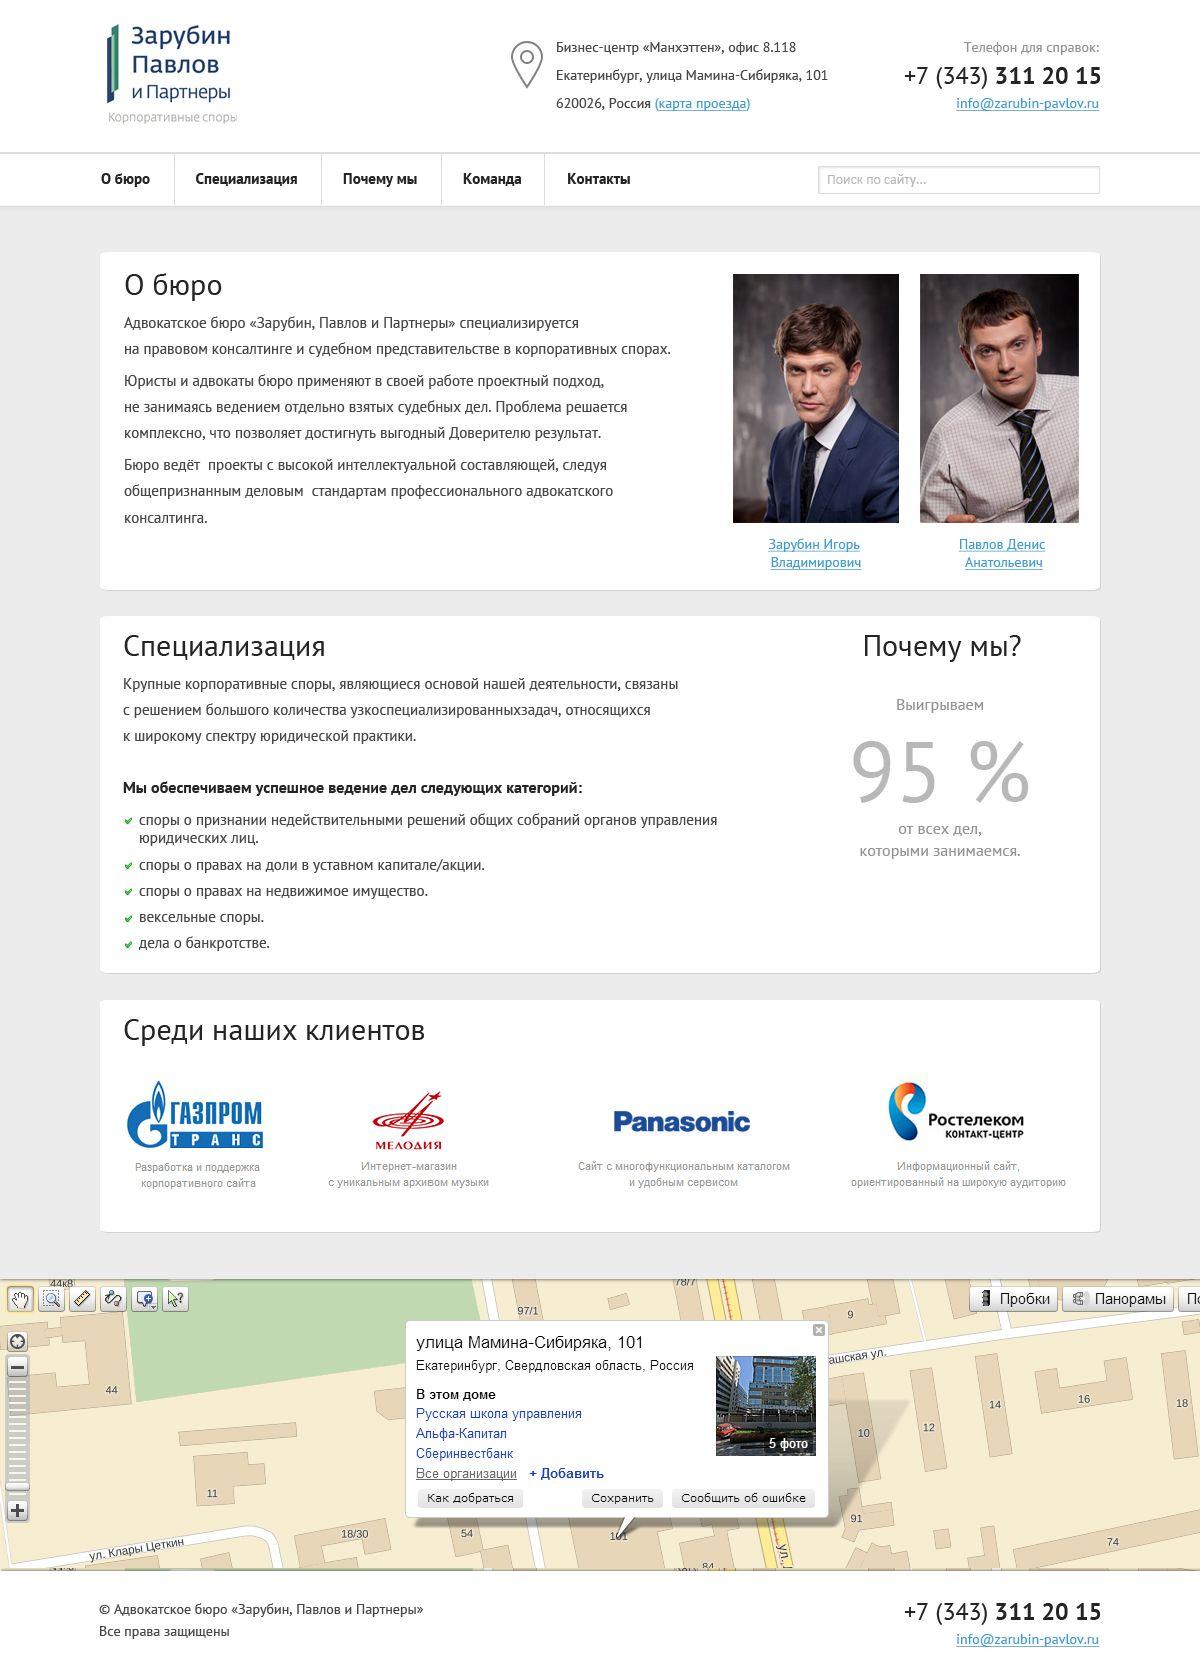 Дизайн сайта для адвокатского бюро. - дизайнер Evgen555